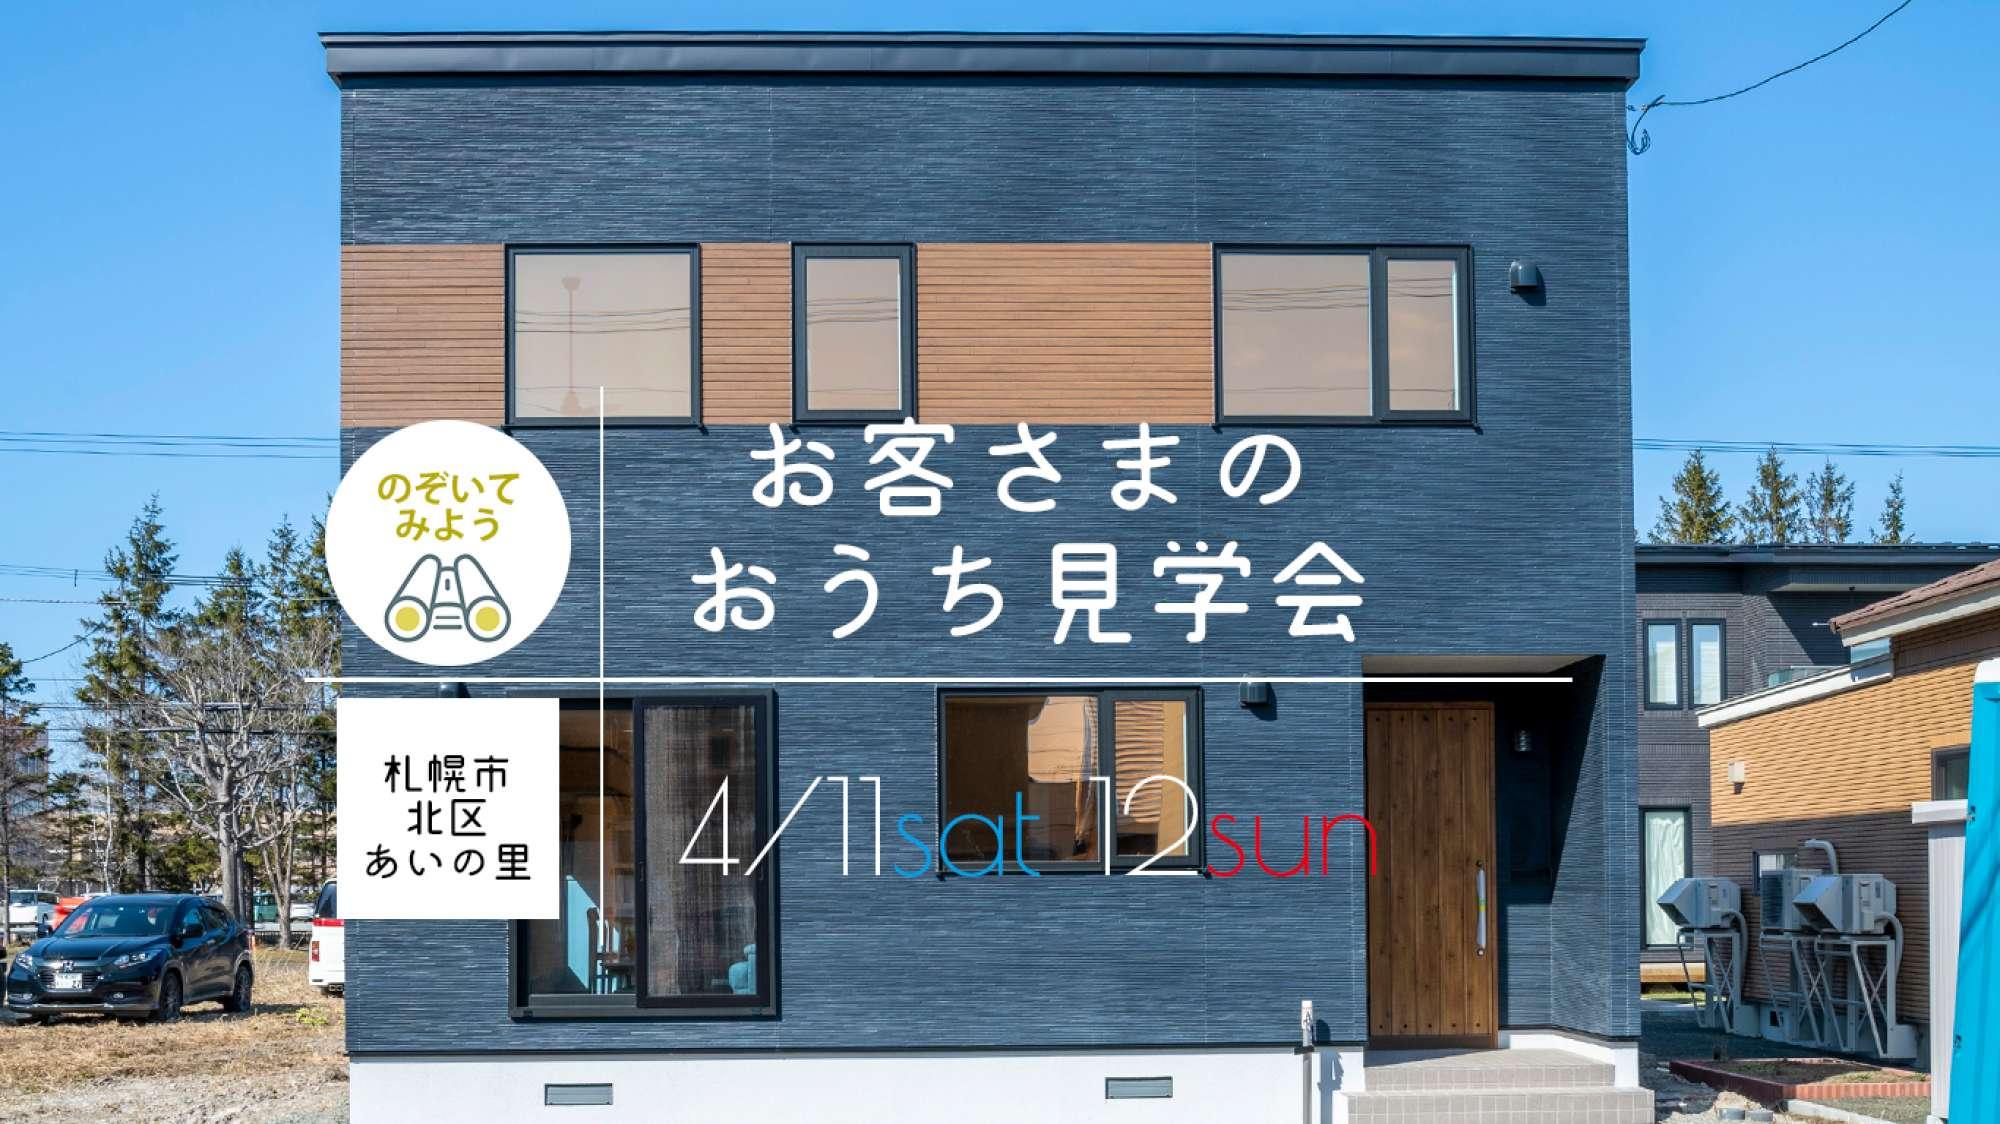 4/11(土)12(日) 開催 お客様のおうち見学会in札幌市北区あいの里 -